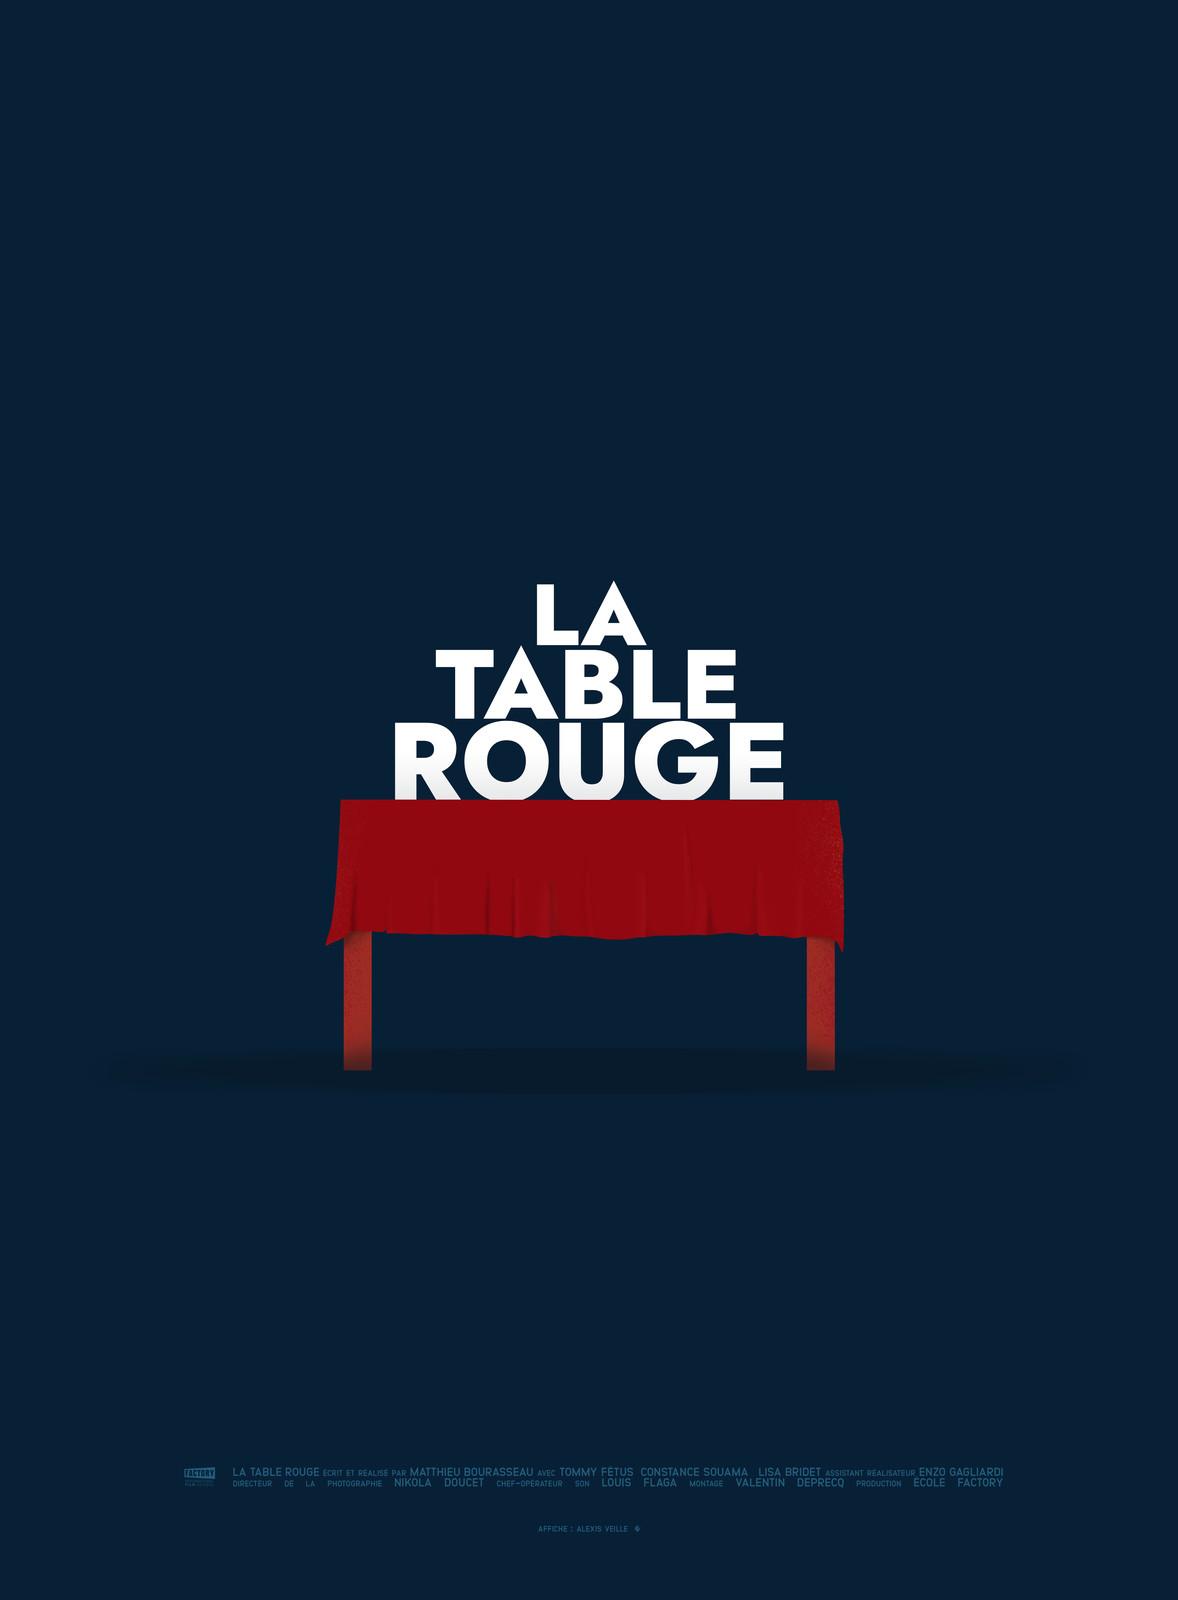 La Table Rouge